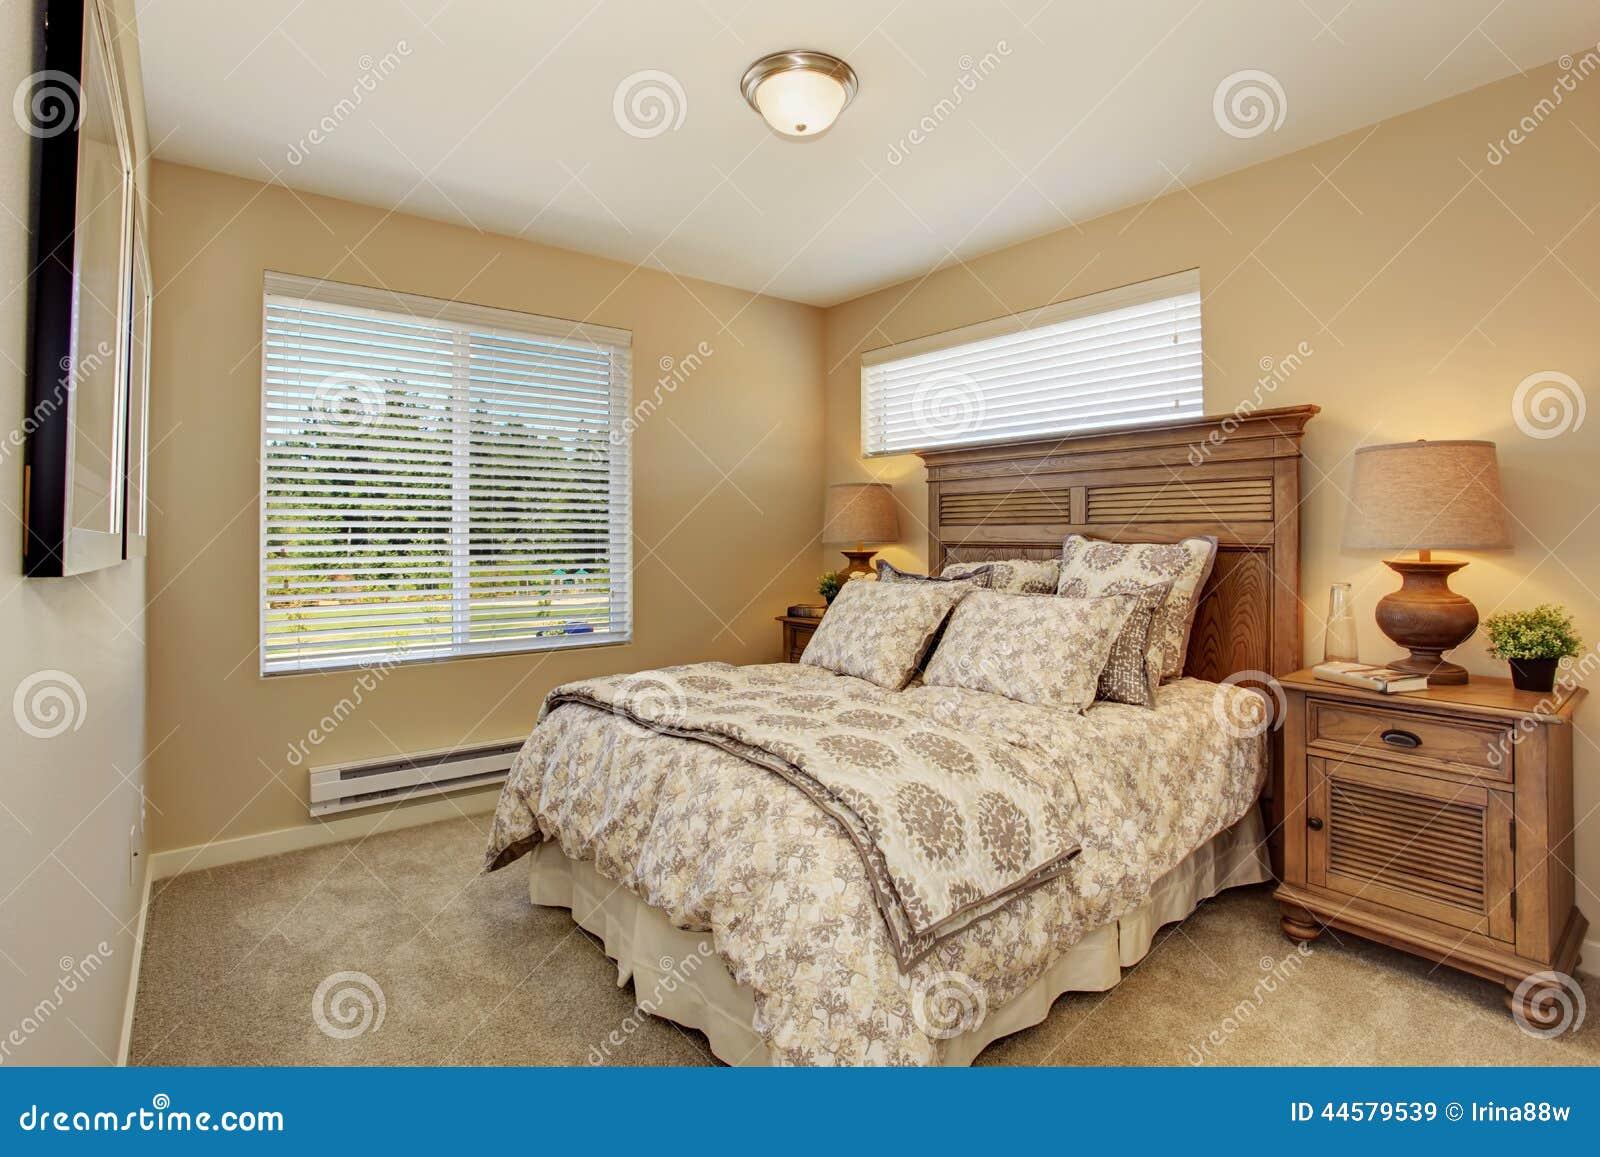 Sch nes schlafzimmer mit reiche geschnitzten h lzernen for Belles chambres a coucher